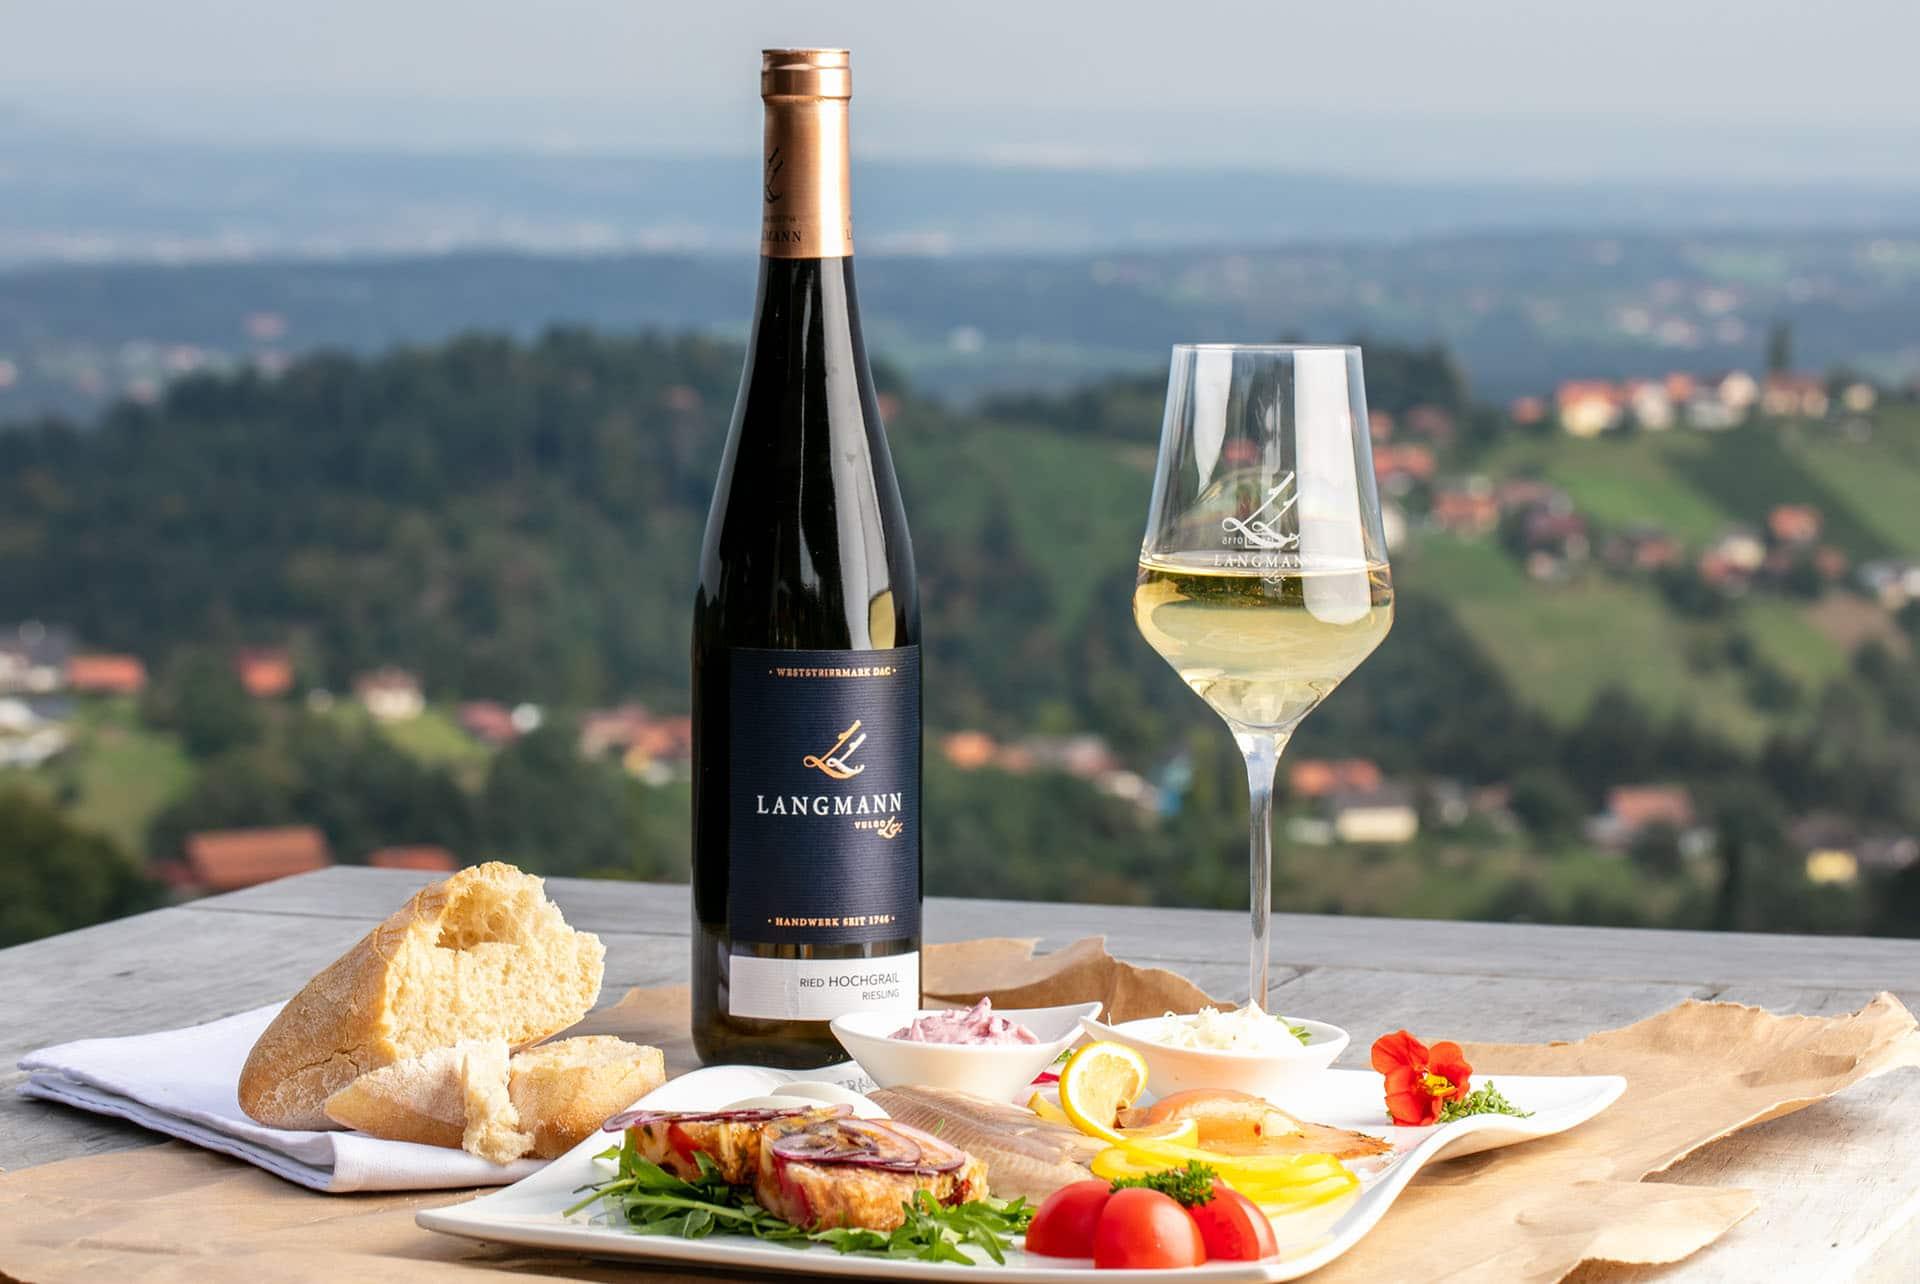 Wein Ried Hochgrail Riesling - Weingut Langmann - Wein und Sekt - Terrasse mit Ausblick